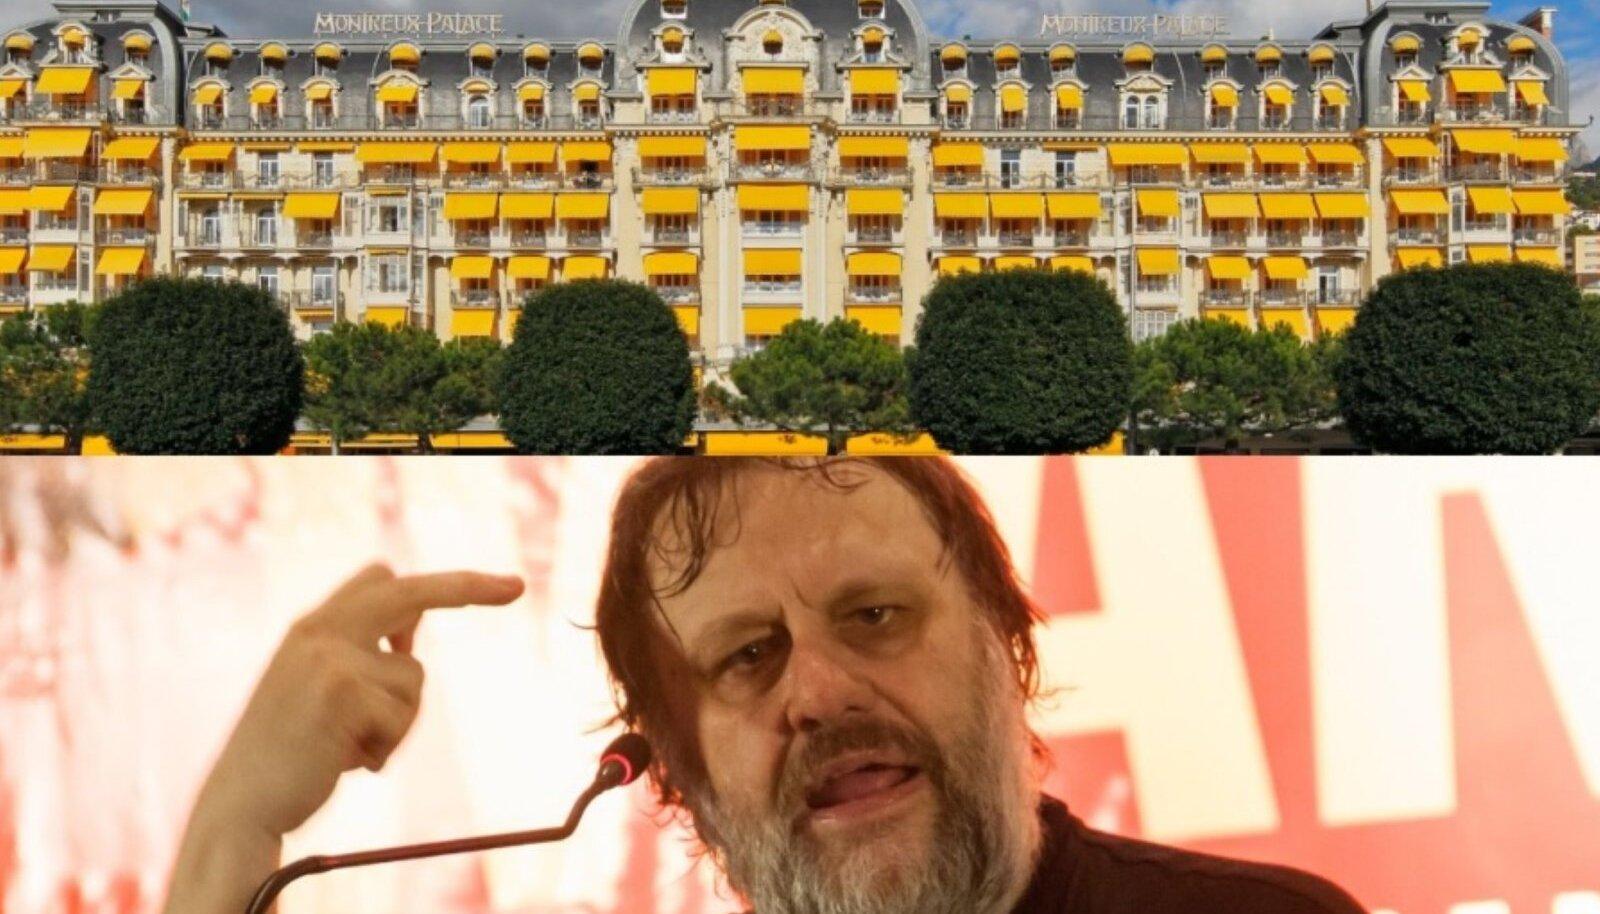 Ülal: The Fairmont Le Montreux Palace - Bilderbergi grupi kohtumispaik aastal 2019. All: Sloveenia kultusfilosoof Slavoj Žižek